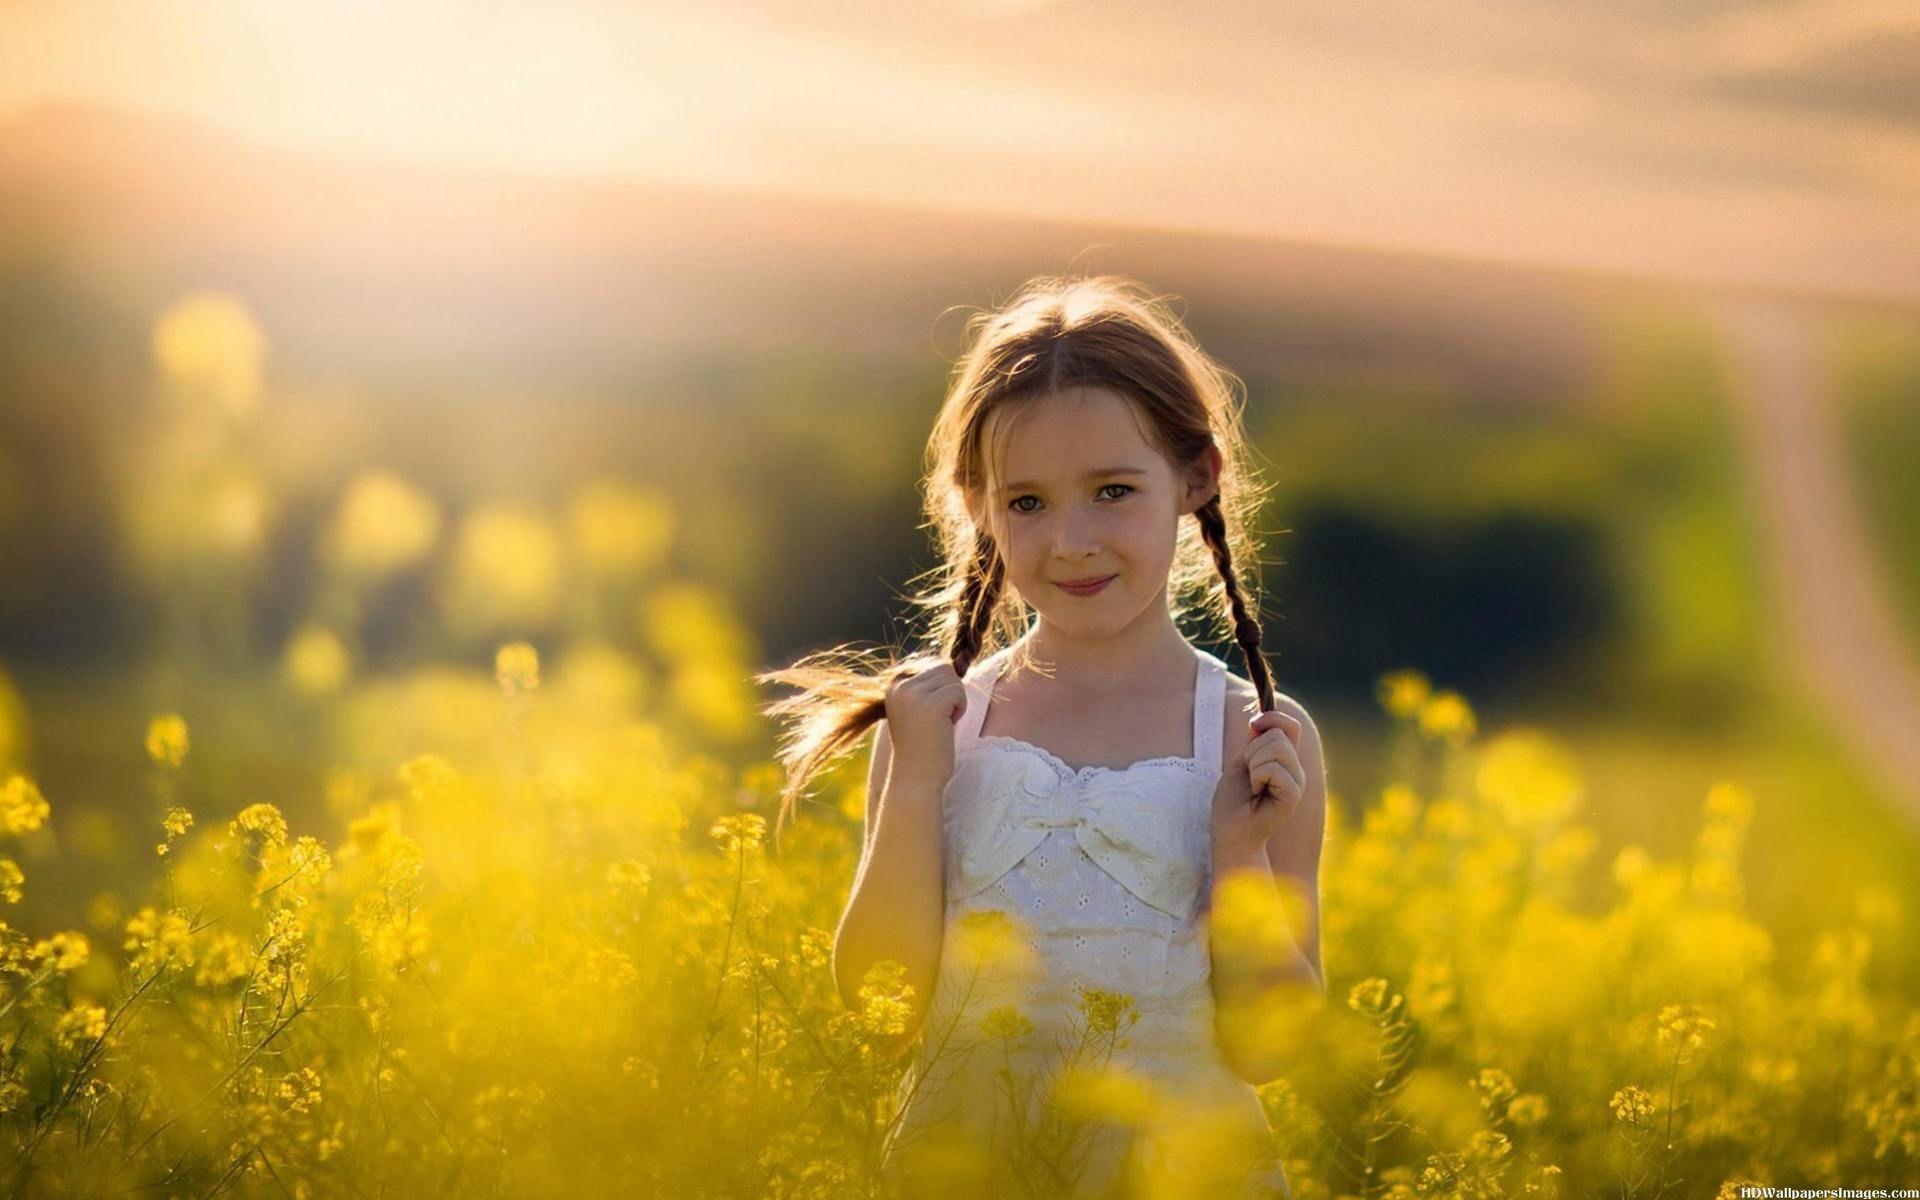 Cute Baby Girl in Yellow Flowers Field HD Desktop Wallpaper